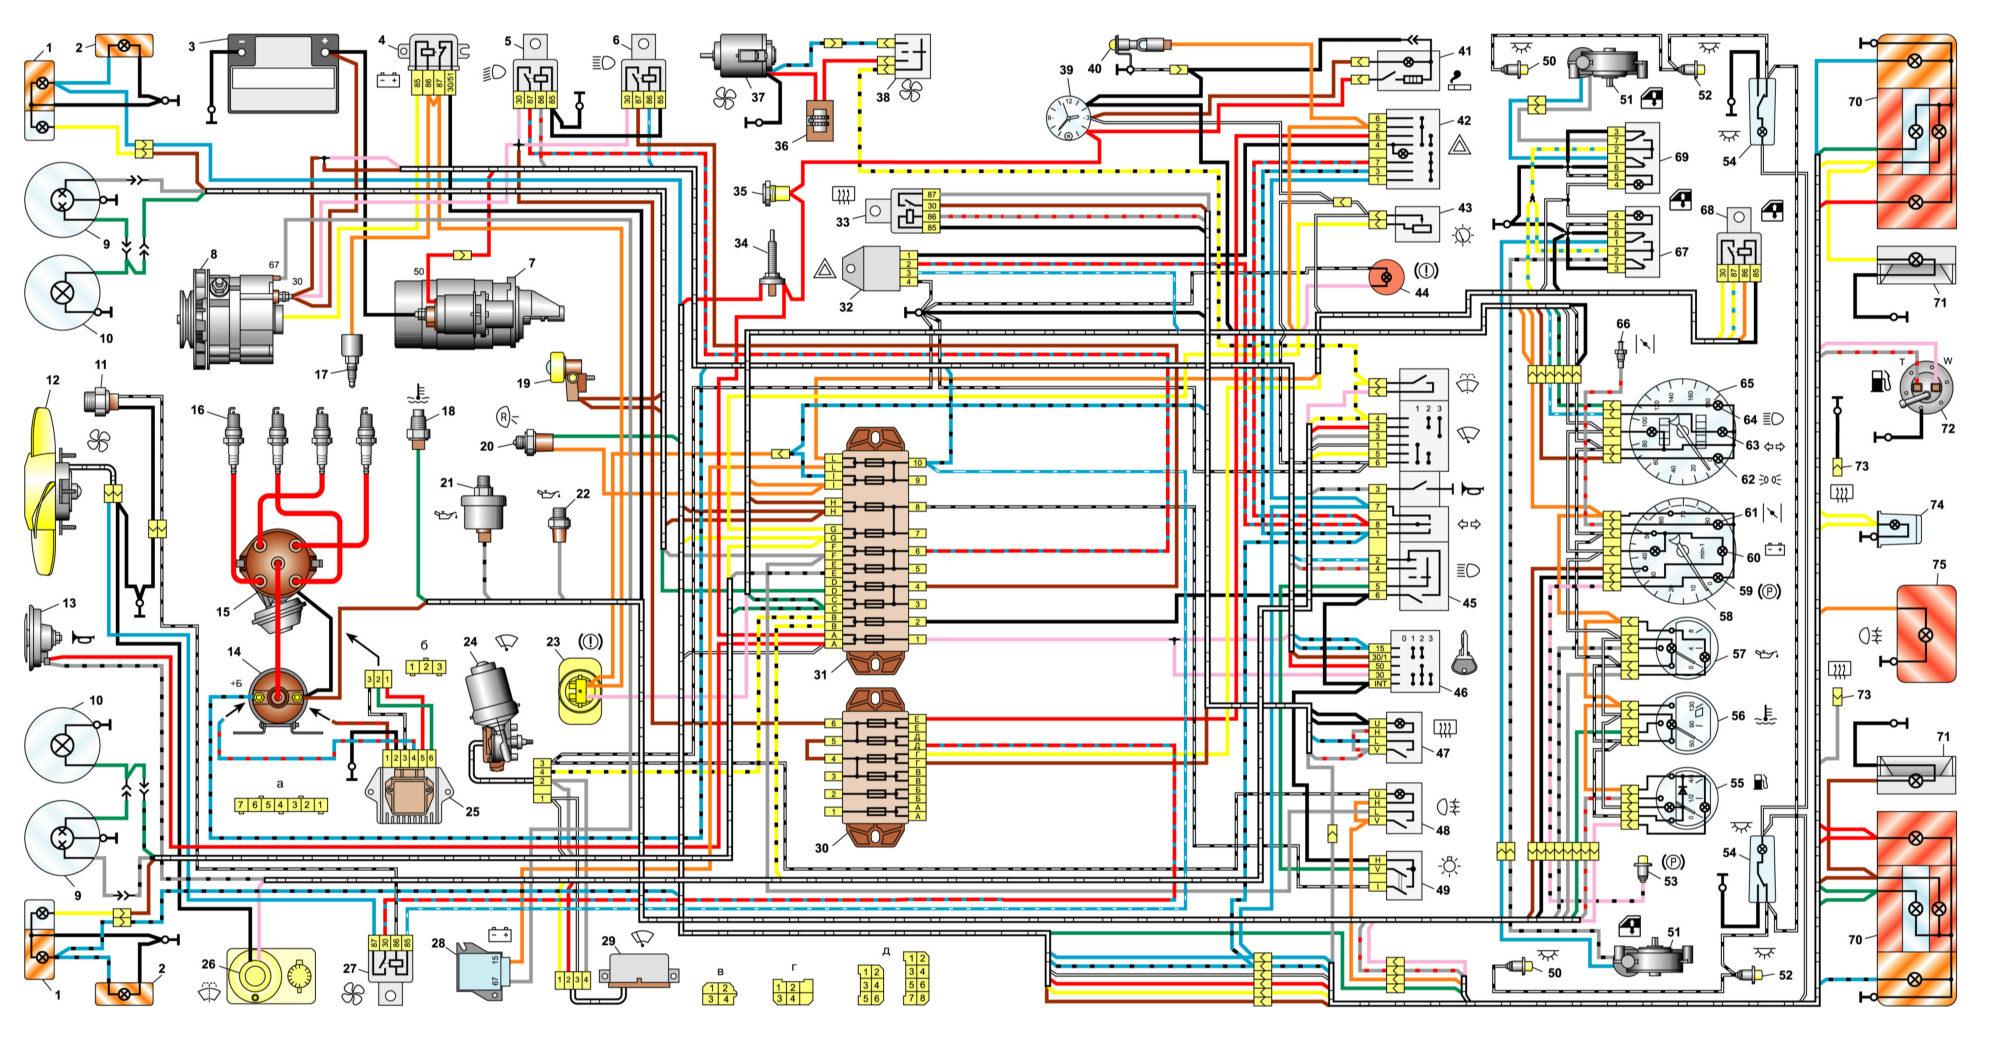 Общая схема электрооборудования ВАЗ 2106 / 21061 / 21063 / 21065 выпуска 1988 – 2001г.